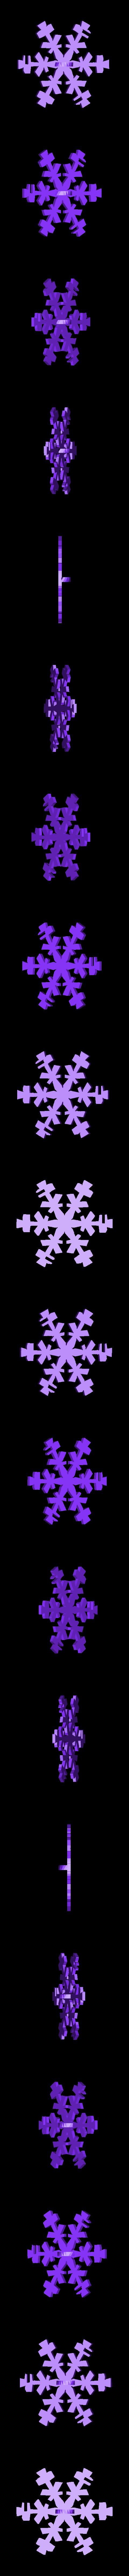 snowflake_top.stl Télécharger fichier STL gratuit Ornement de flocon de neige Icosahedron • Modèle imprimable en 3D, Ristrorg